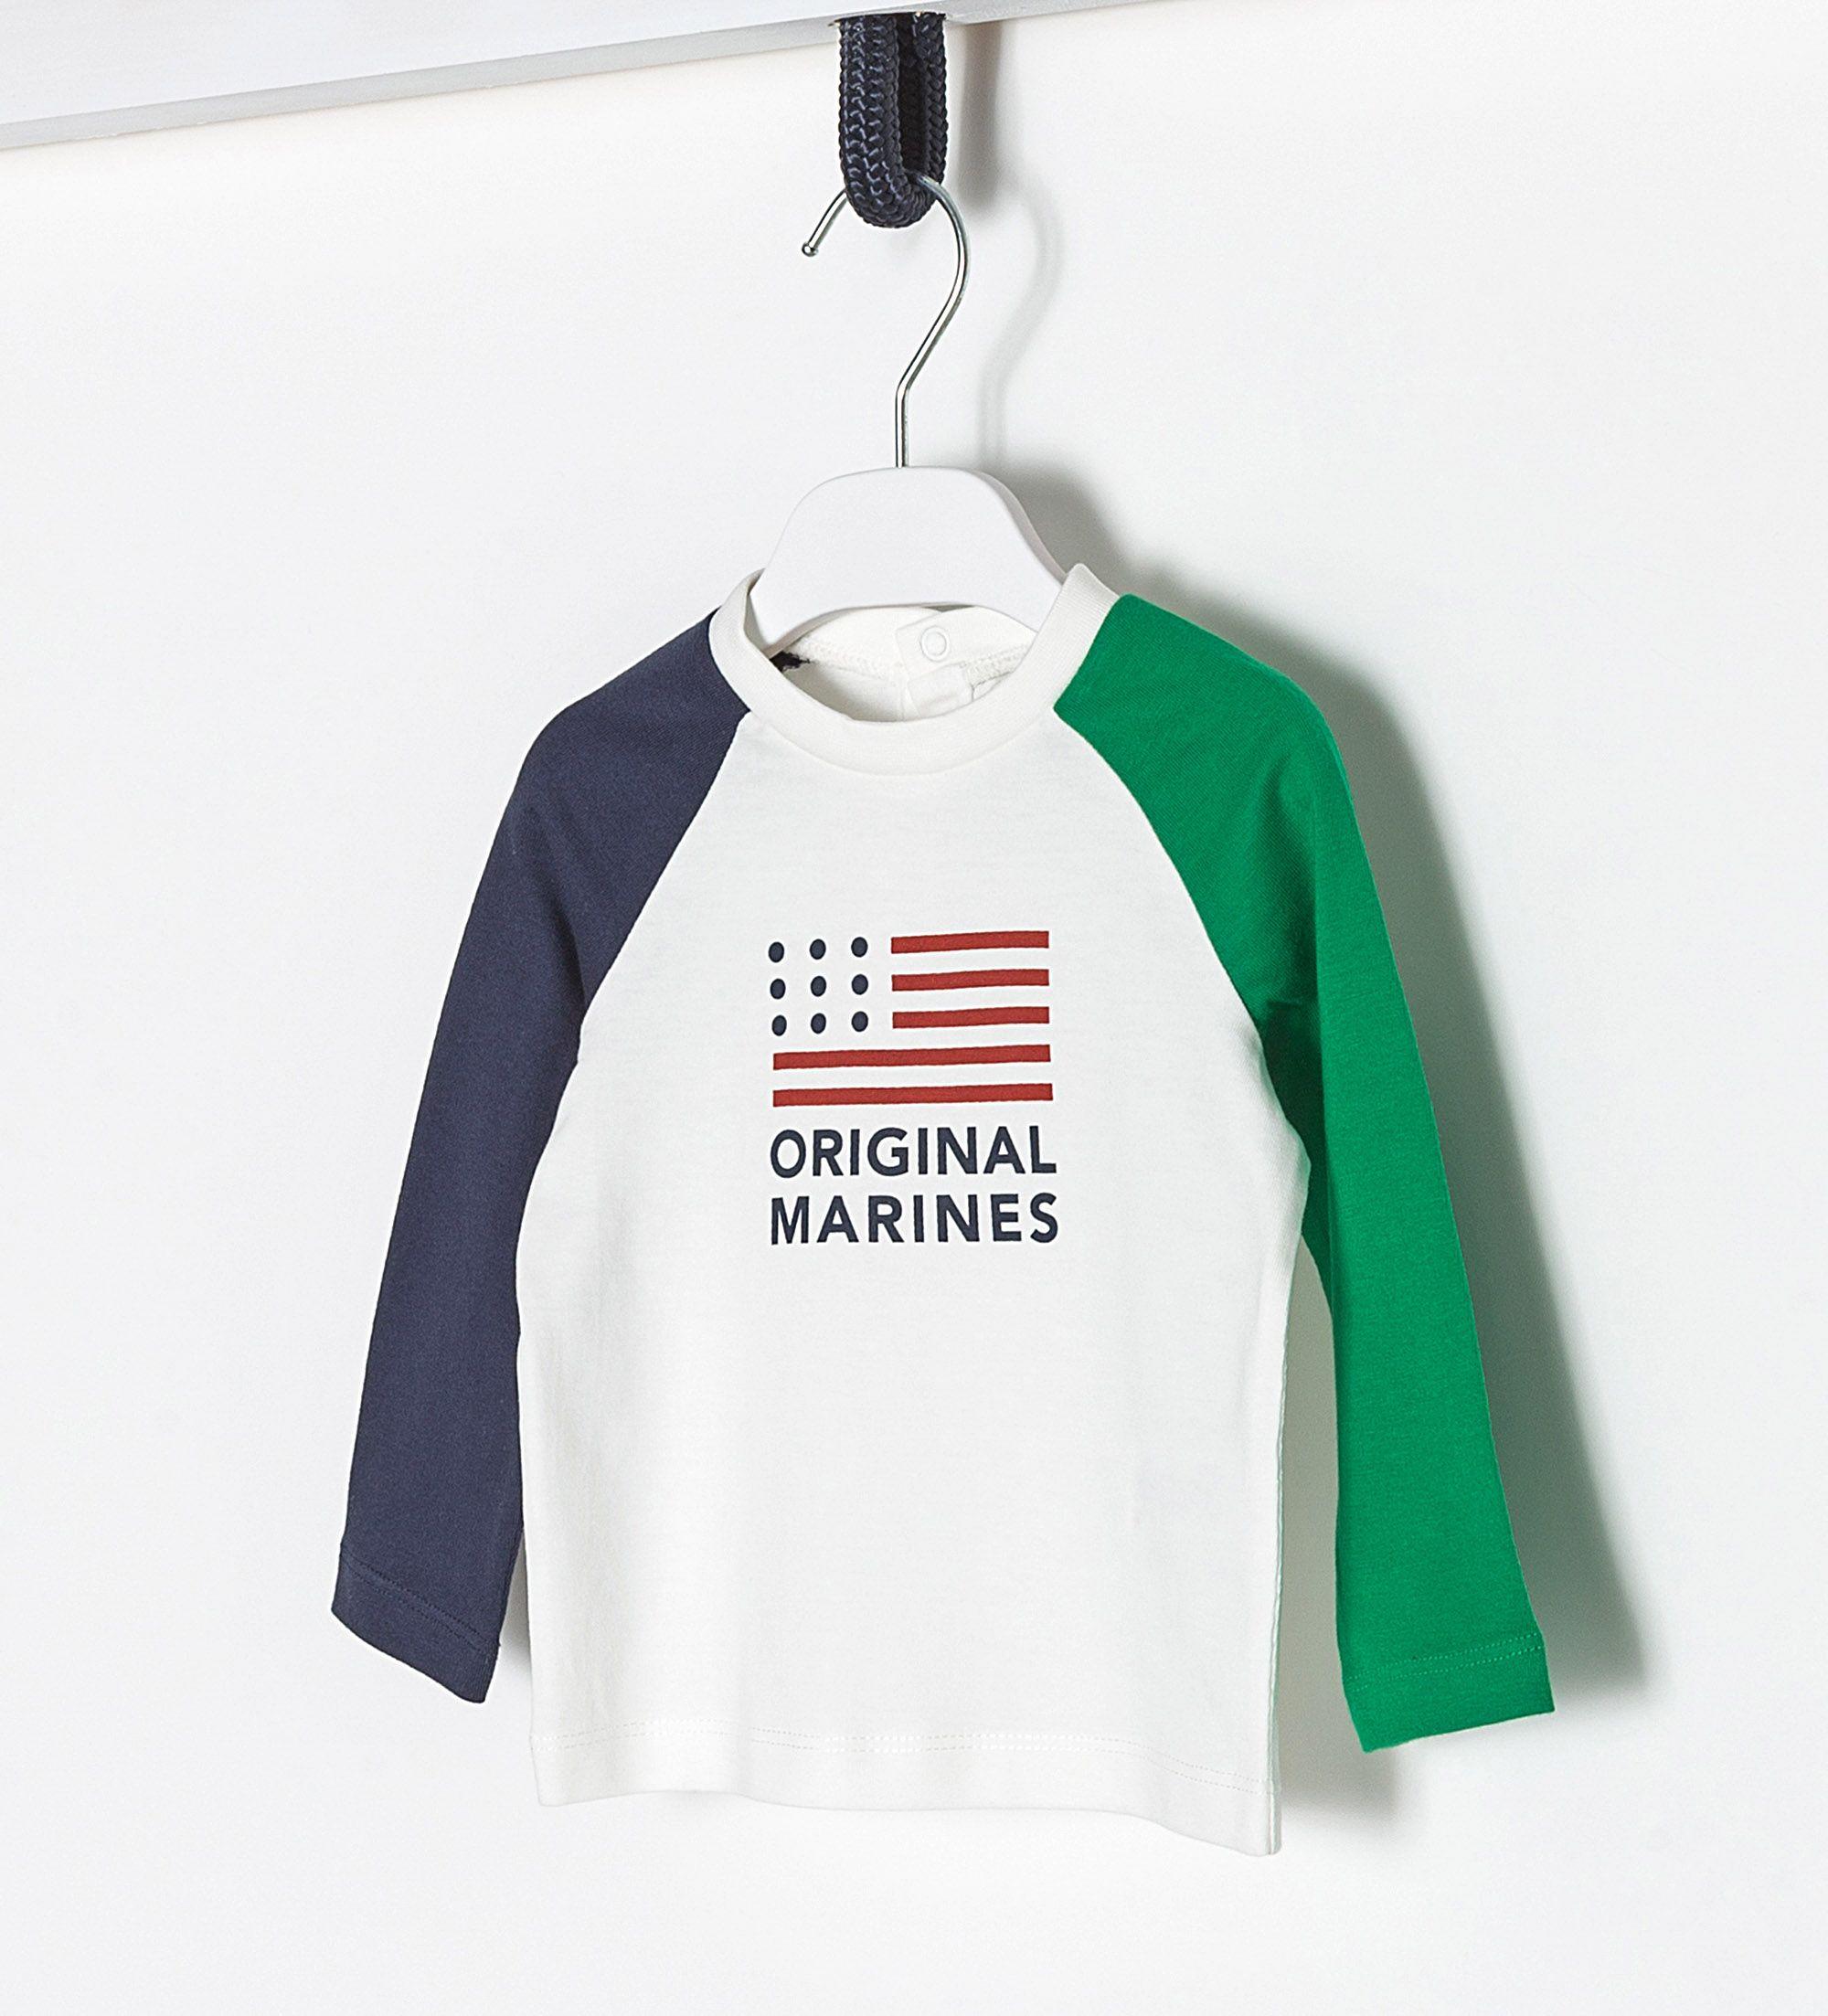 Купить Джемпер, Футболка с длинным рукавом Original Marines, 68, Мальчики, весна